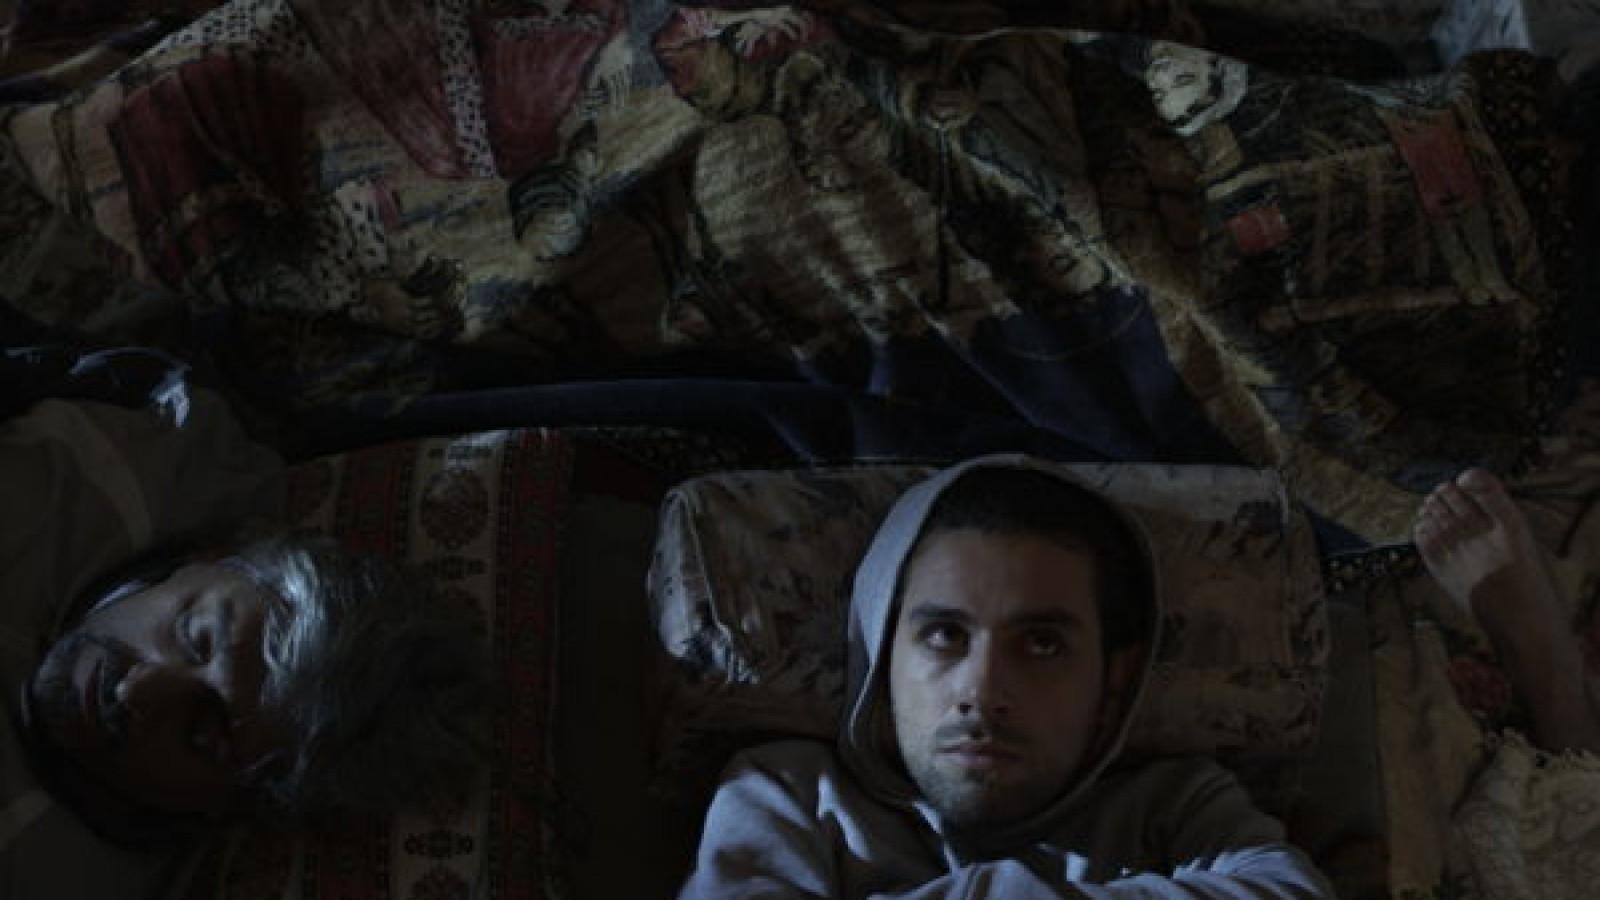 la chambre de samir palestine filmer c'est exister 2014 spoutnik